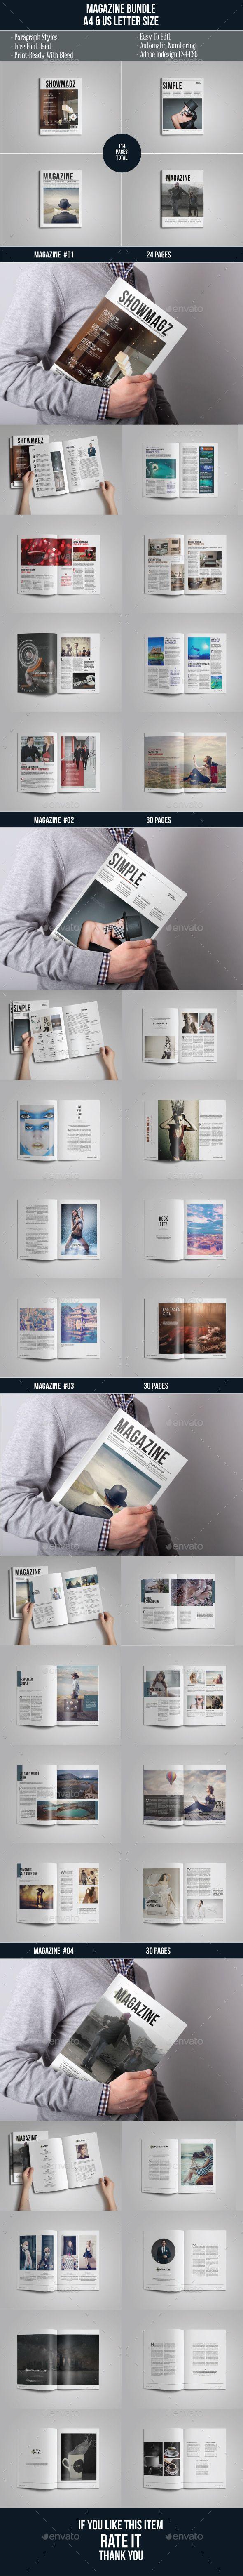 Multipurpose Magazine Bundle Design Tempalte Download: http://graphicriver.net/item/multipurpose-magazine-bundle-vol-01/12934959?ref=ksioks